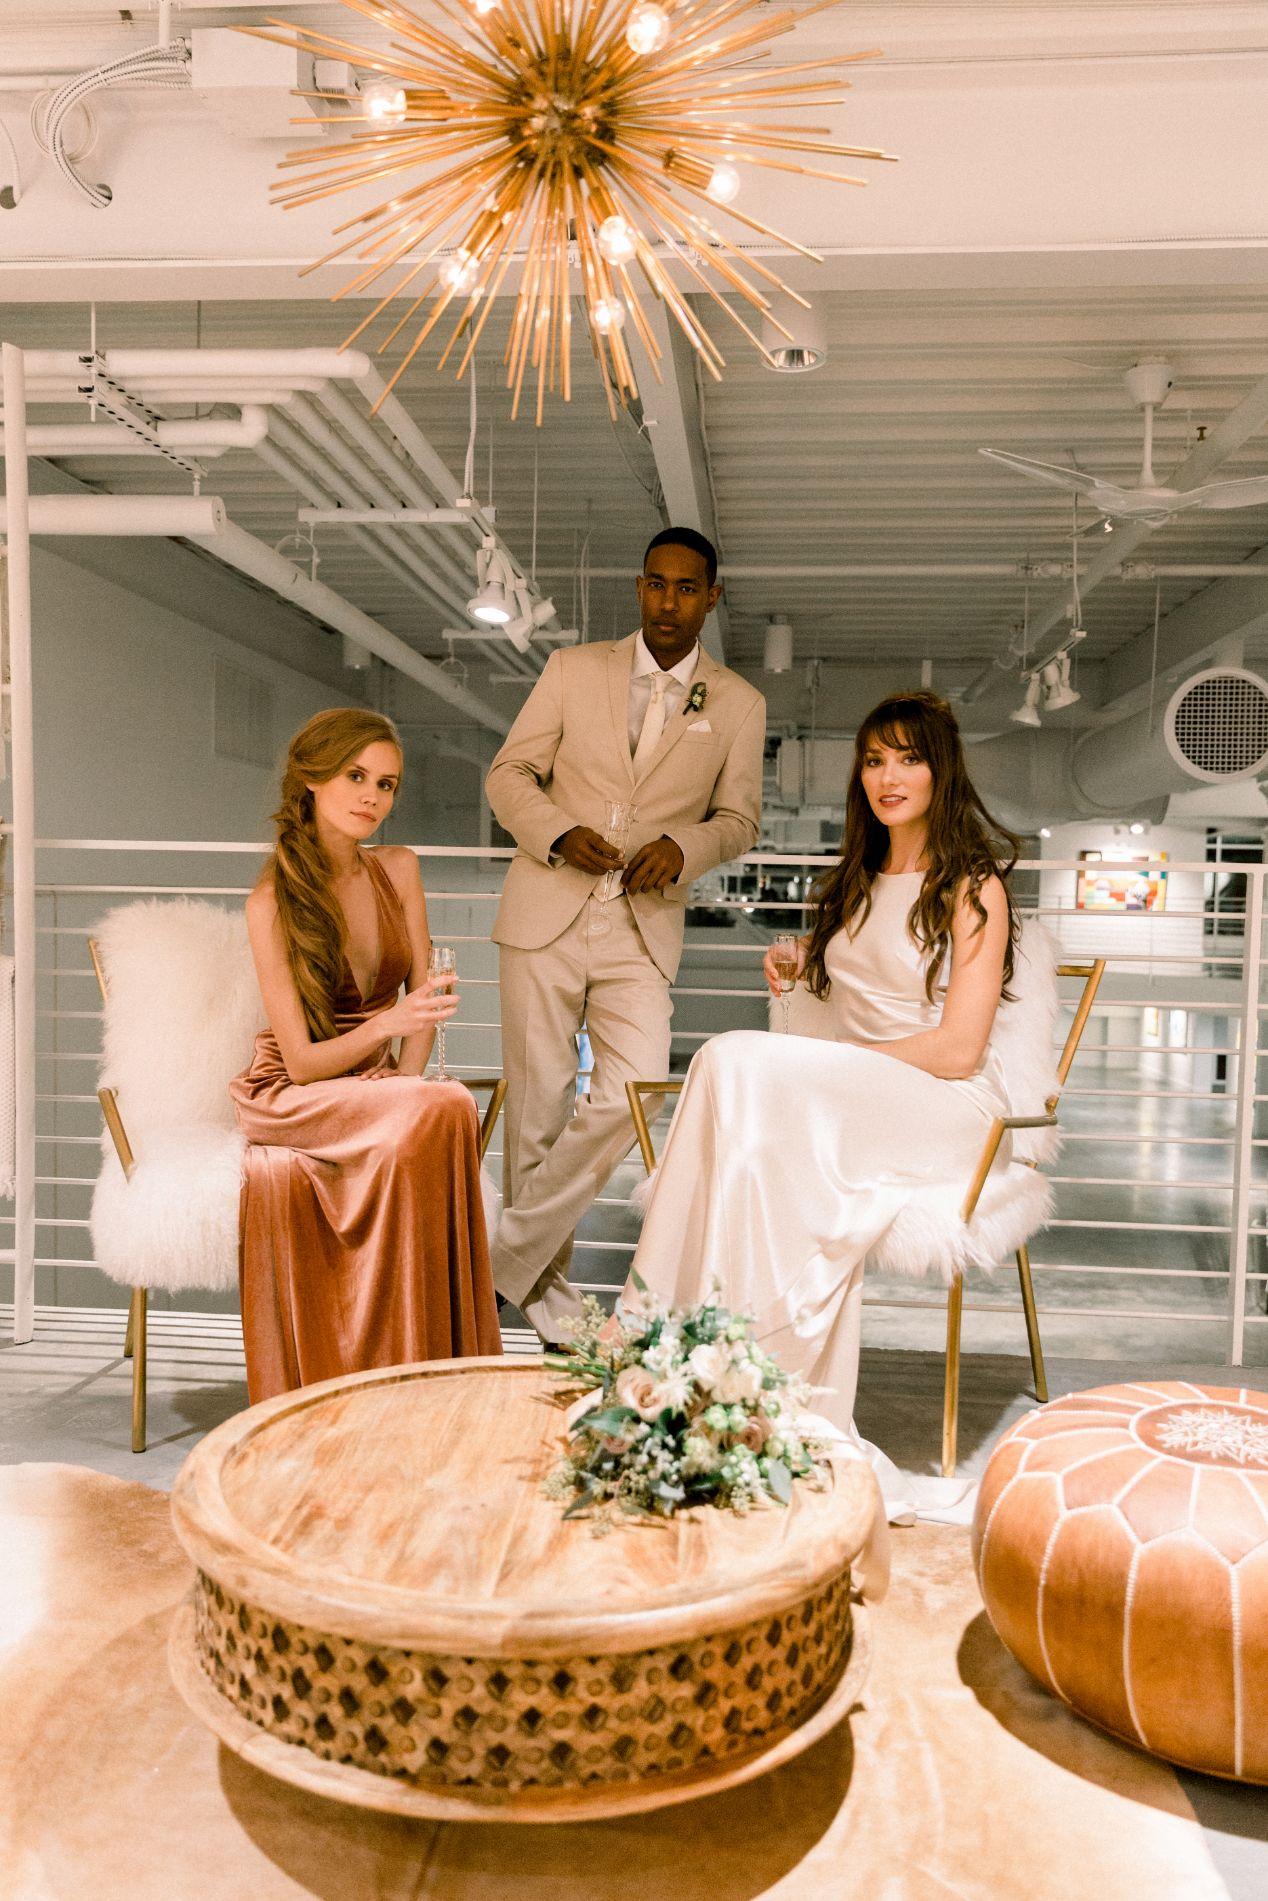 artists-for-humanity-industrial-bohemian-wedding-daylynn-designs380.jpg